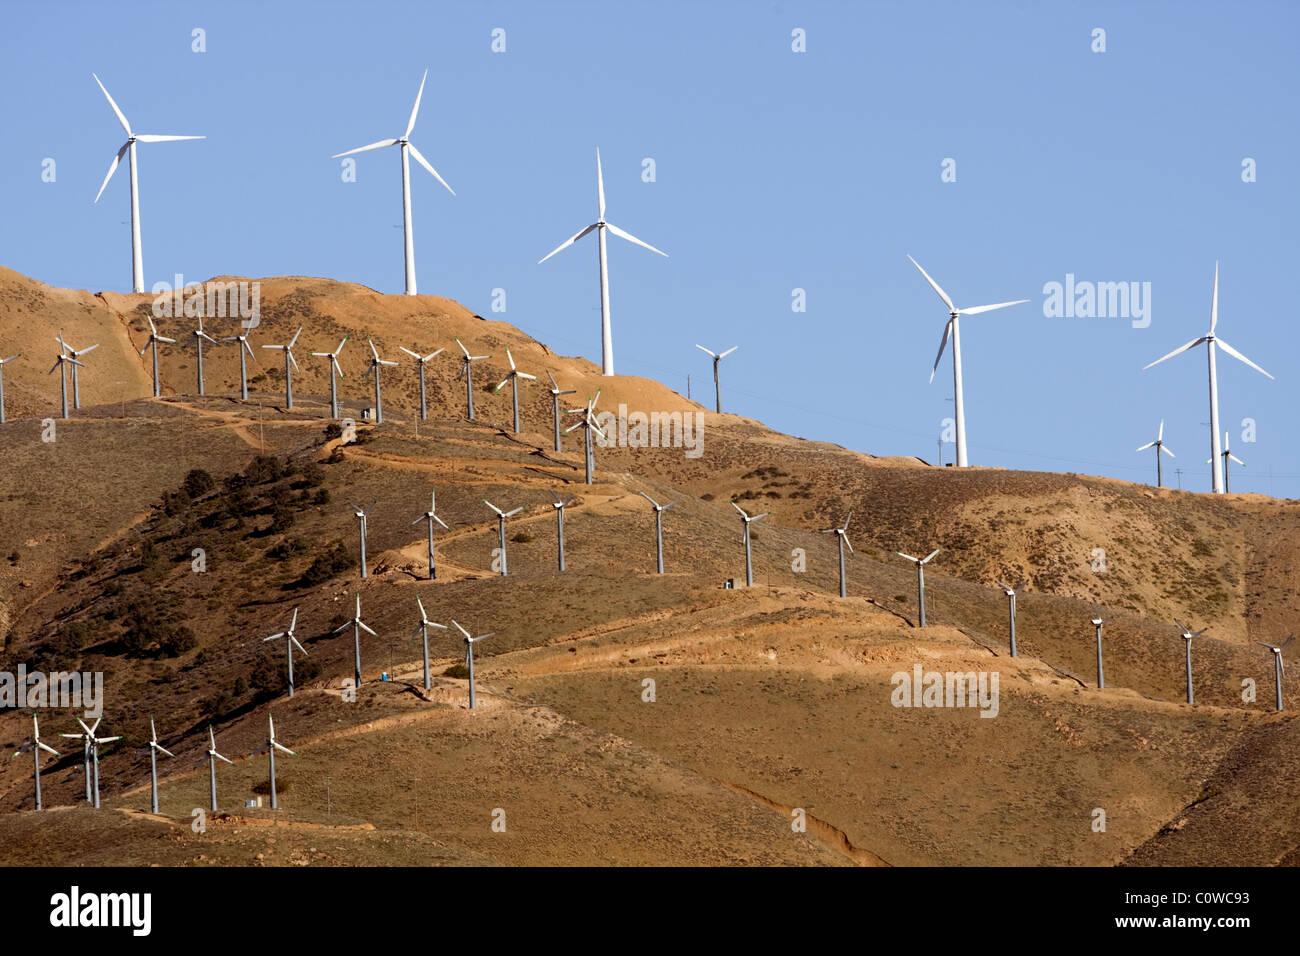 Ferme éolienne - limite ouest du désert de Mojave, en Californie. Photo Stock